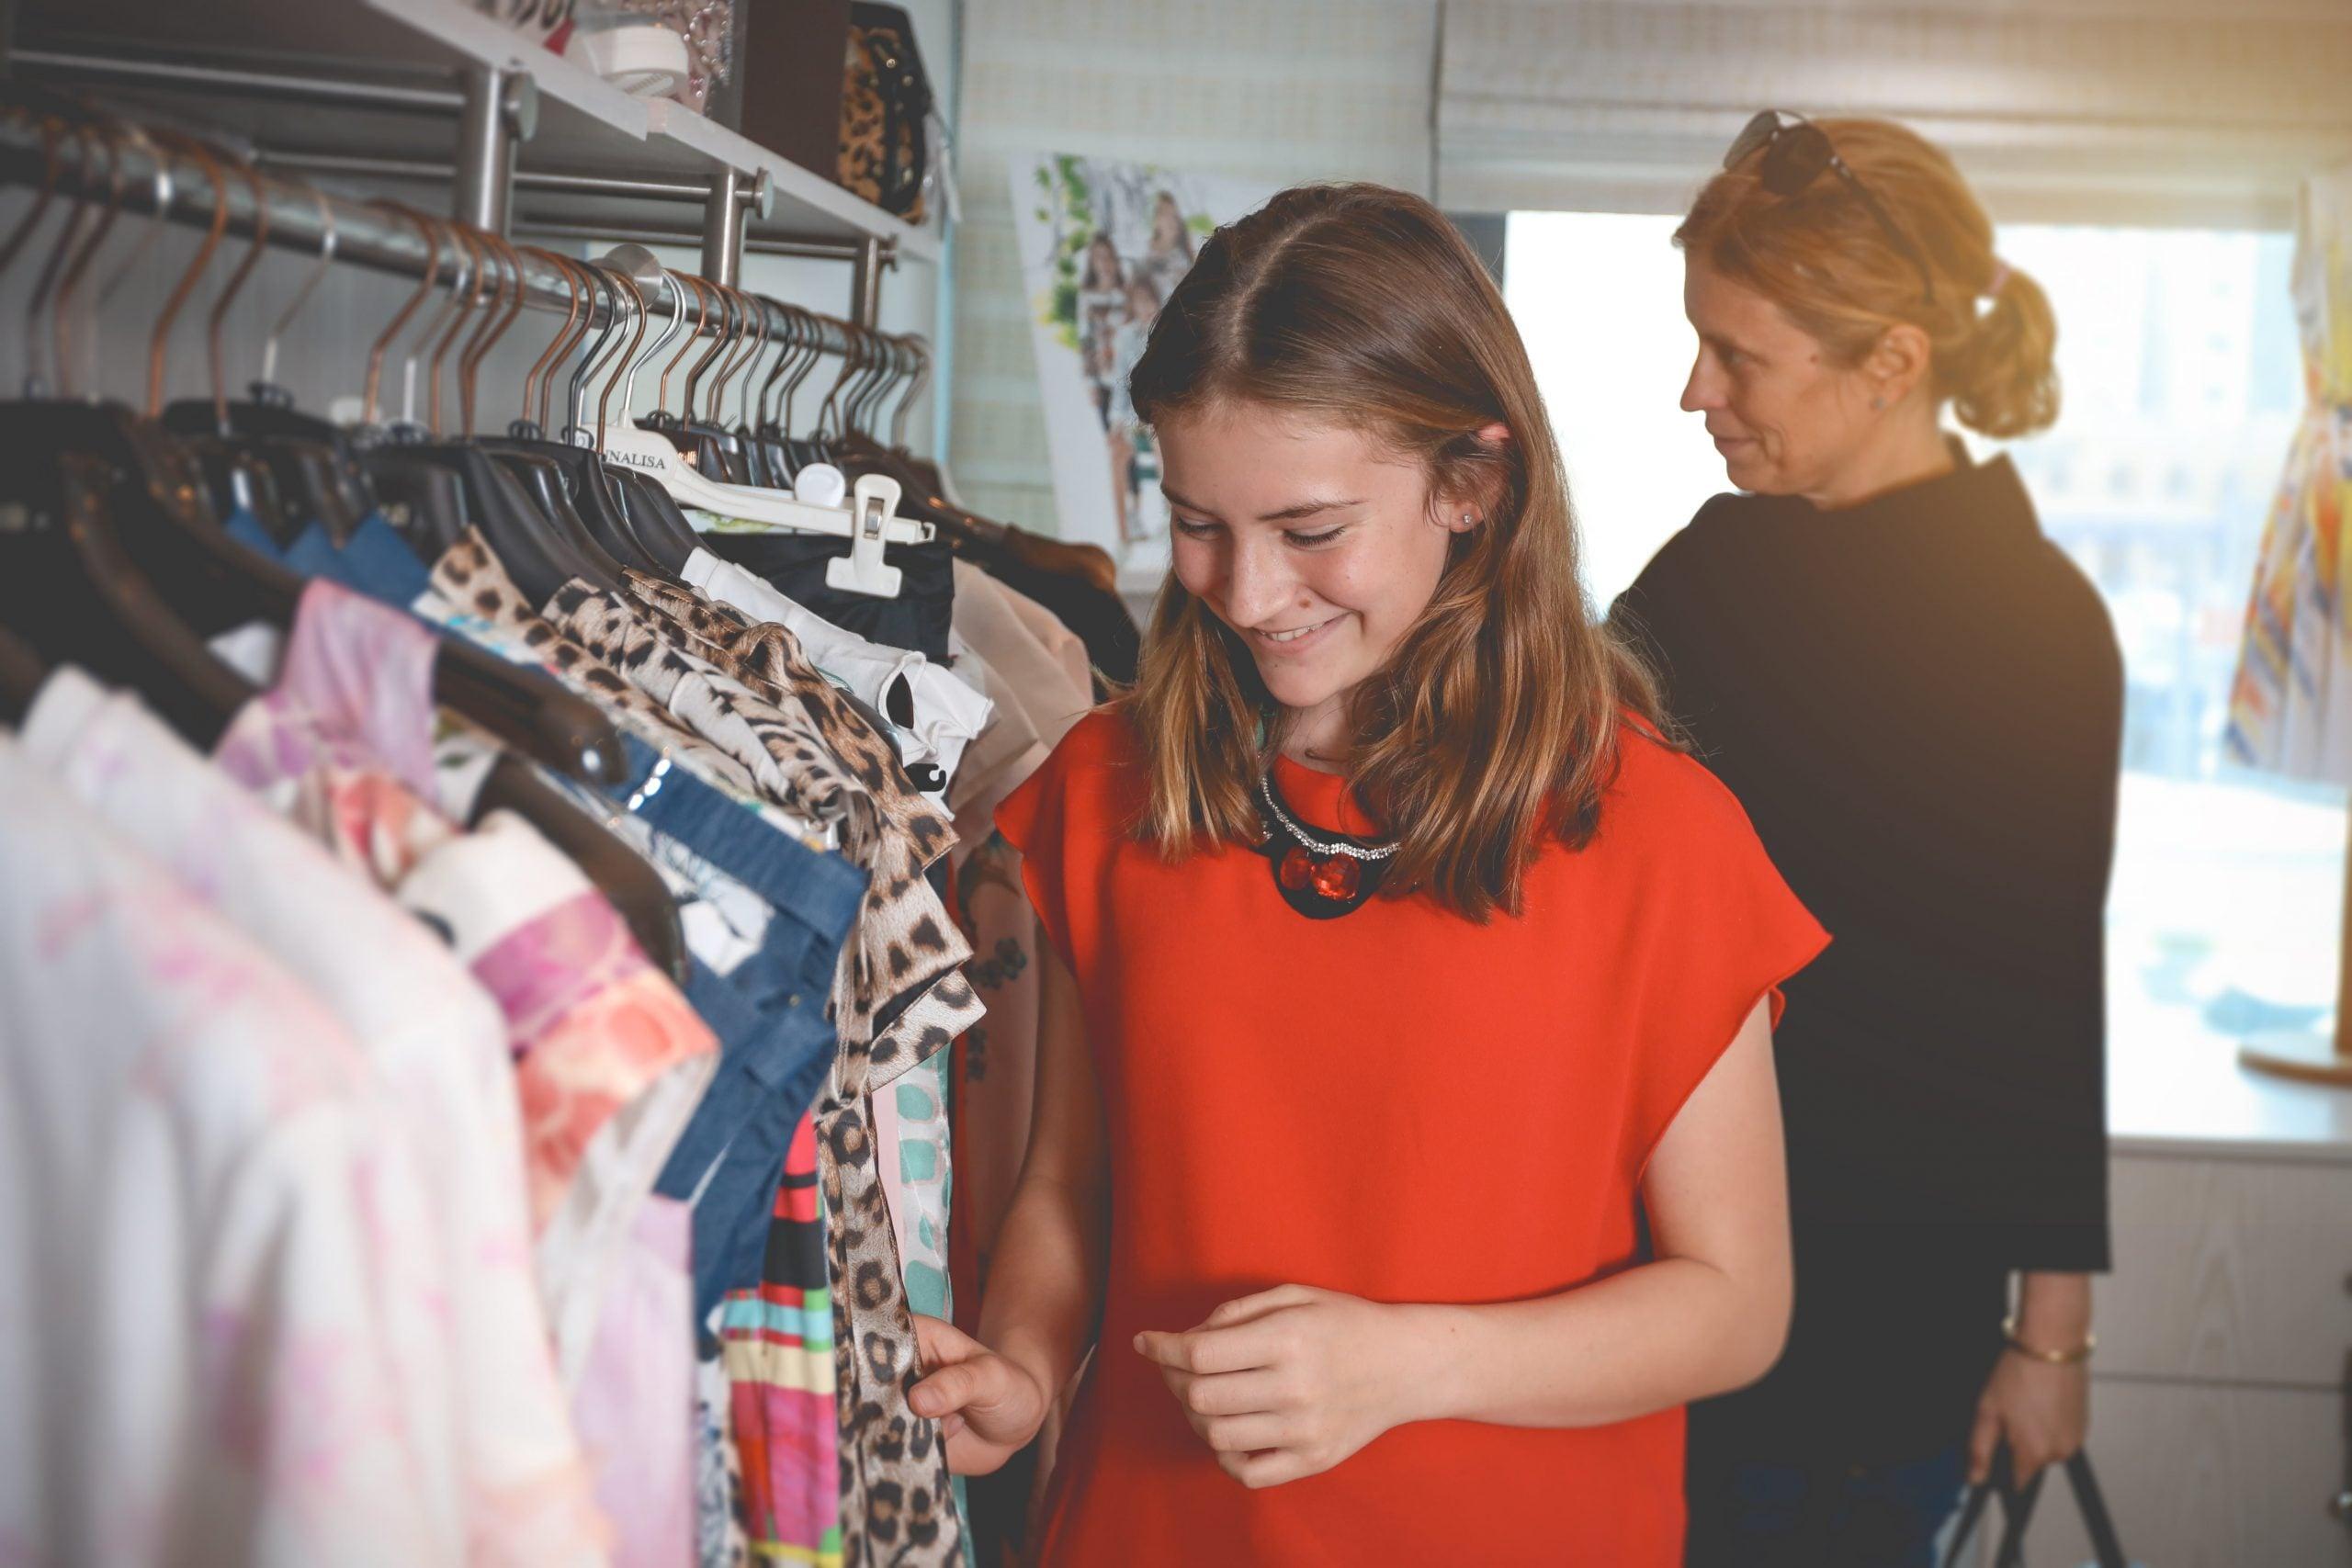 قم ببيع ملابسك عبر الإنترنت دون عناء ولكن بفاعلية – هل هي مدينة مثالية أم حقيقة التجارة الإلكترونية؟